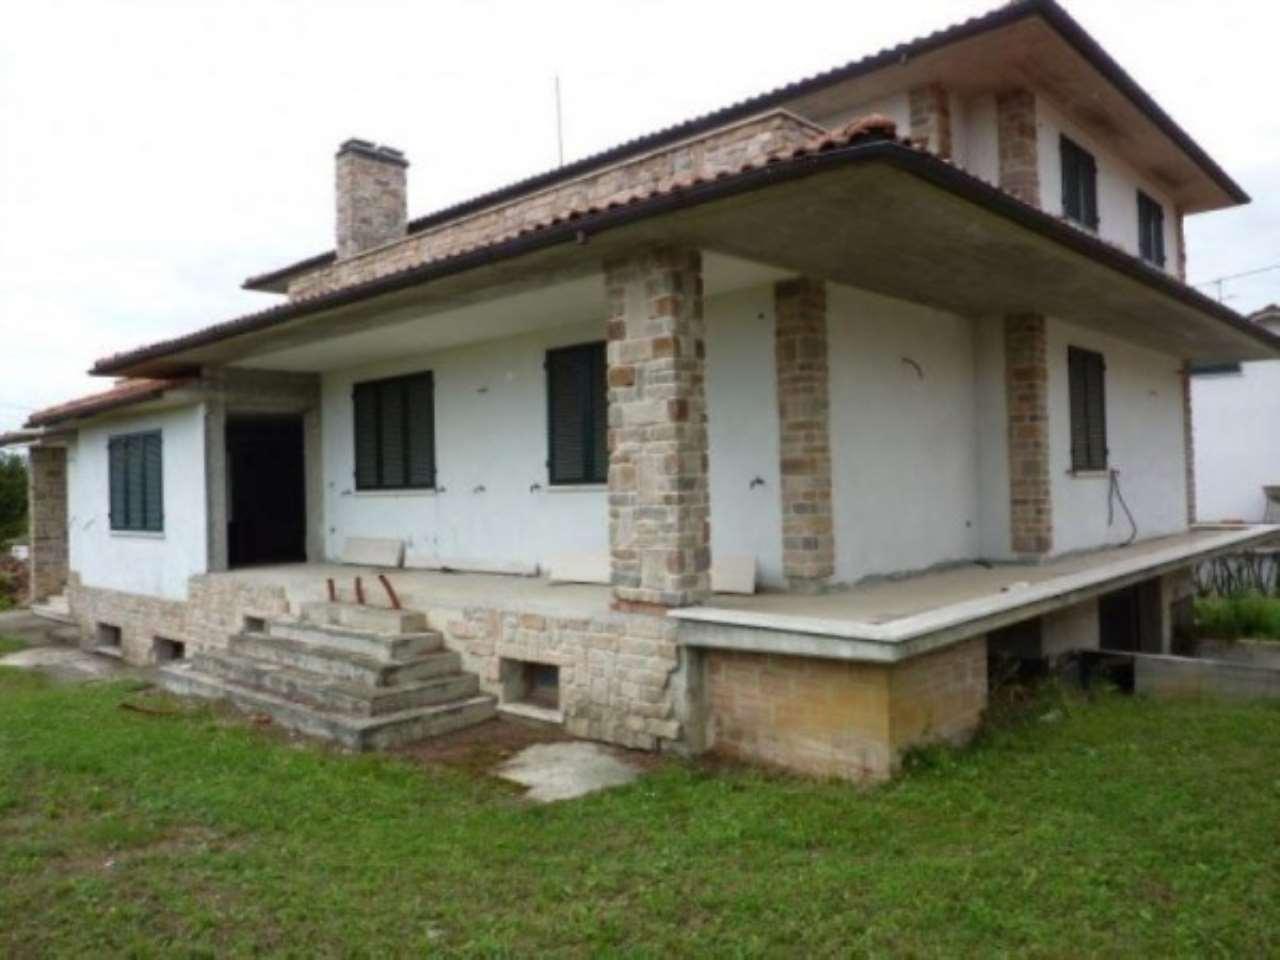 Villa in vendita a Serravalle Pistoiese, 6 locali, prezzo € 600.000 | CambioCasa.it